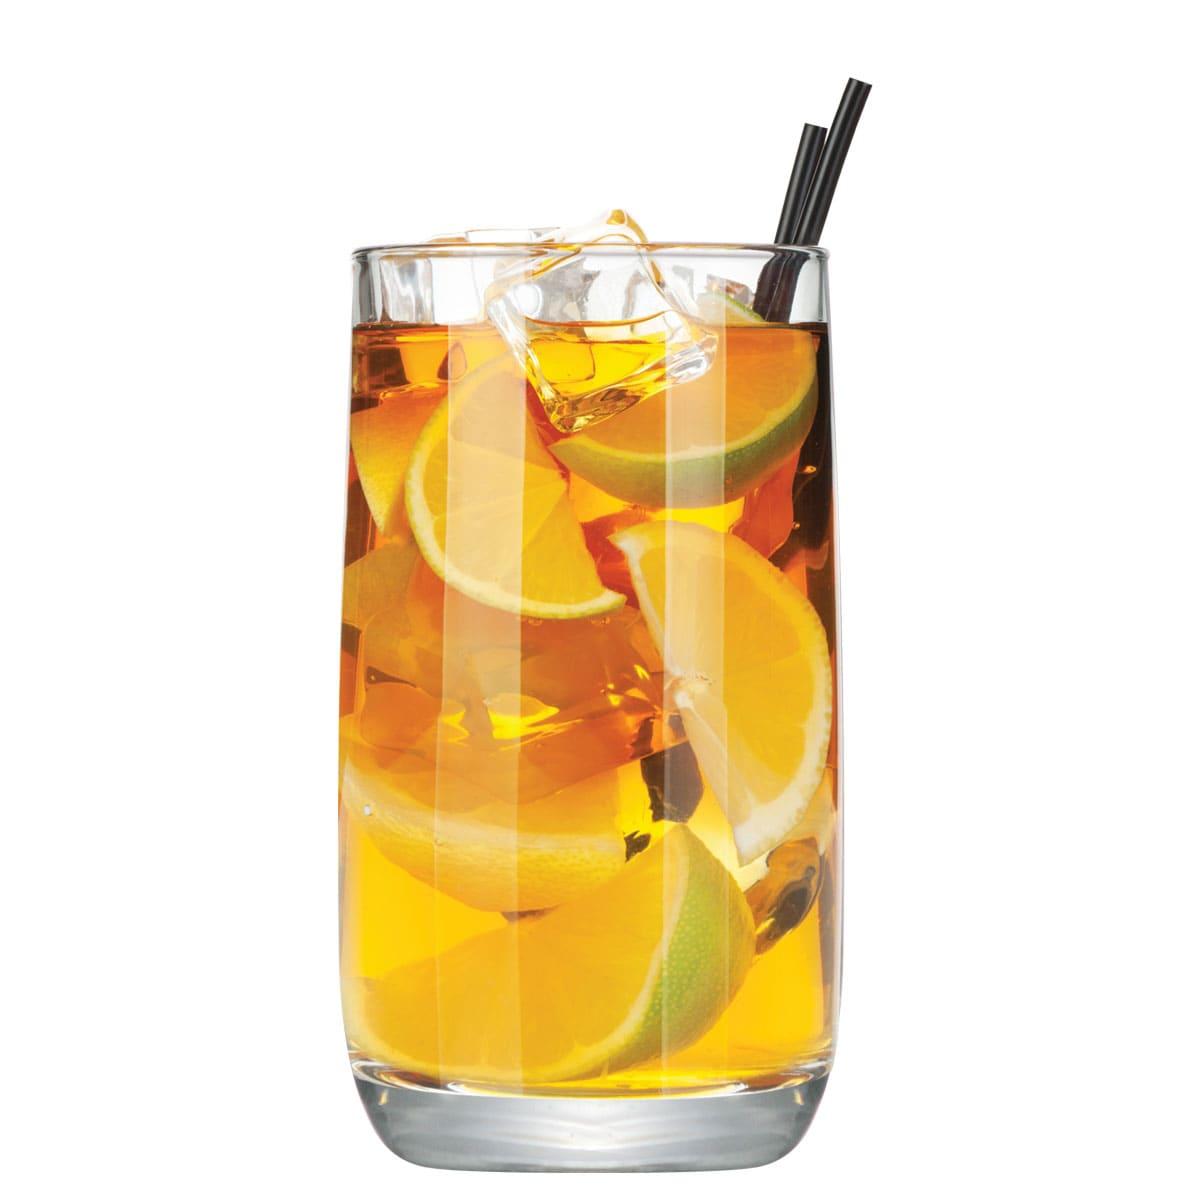 Copo New York Long Drink Vidro 350ml (Caixa com 24 unidades)